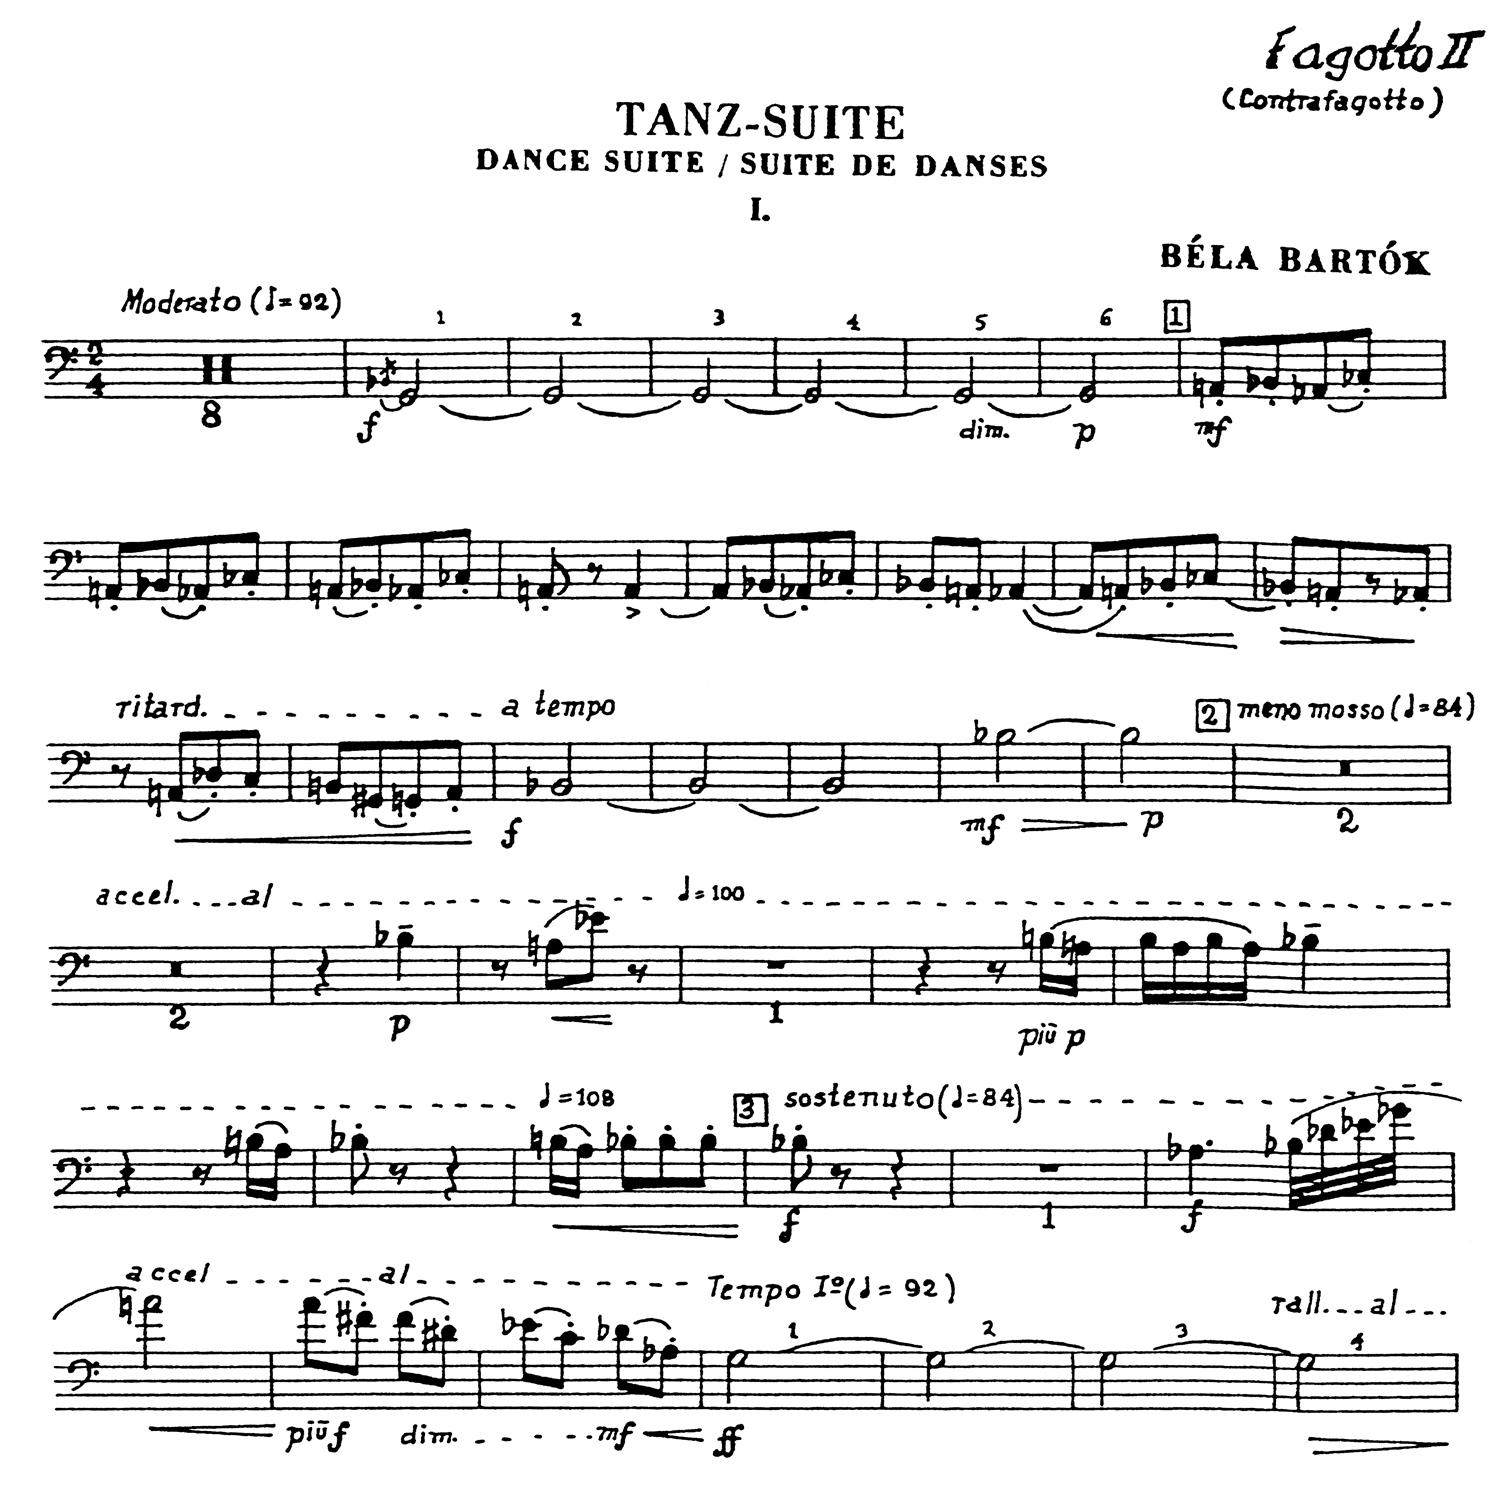 Bartok Dance Suite Part 2.jpg